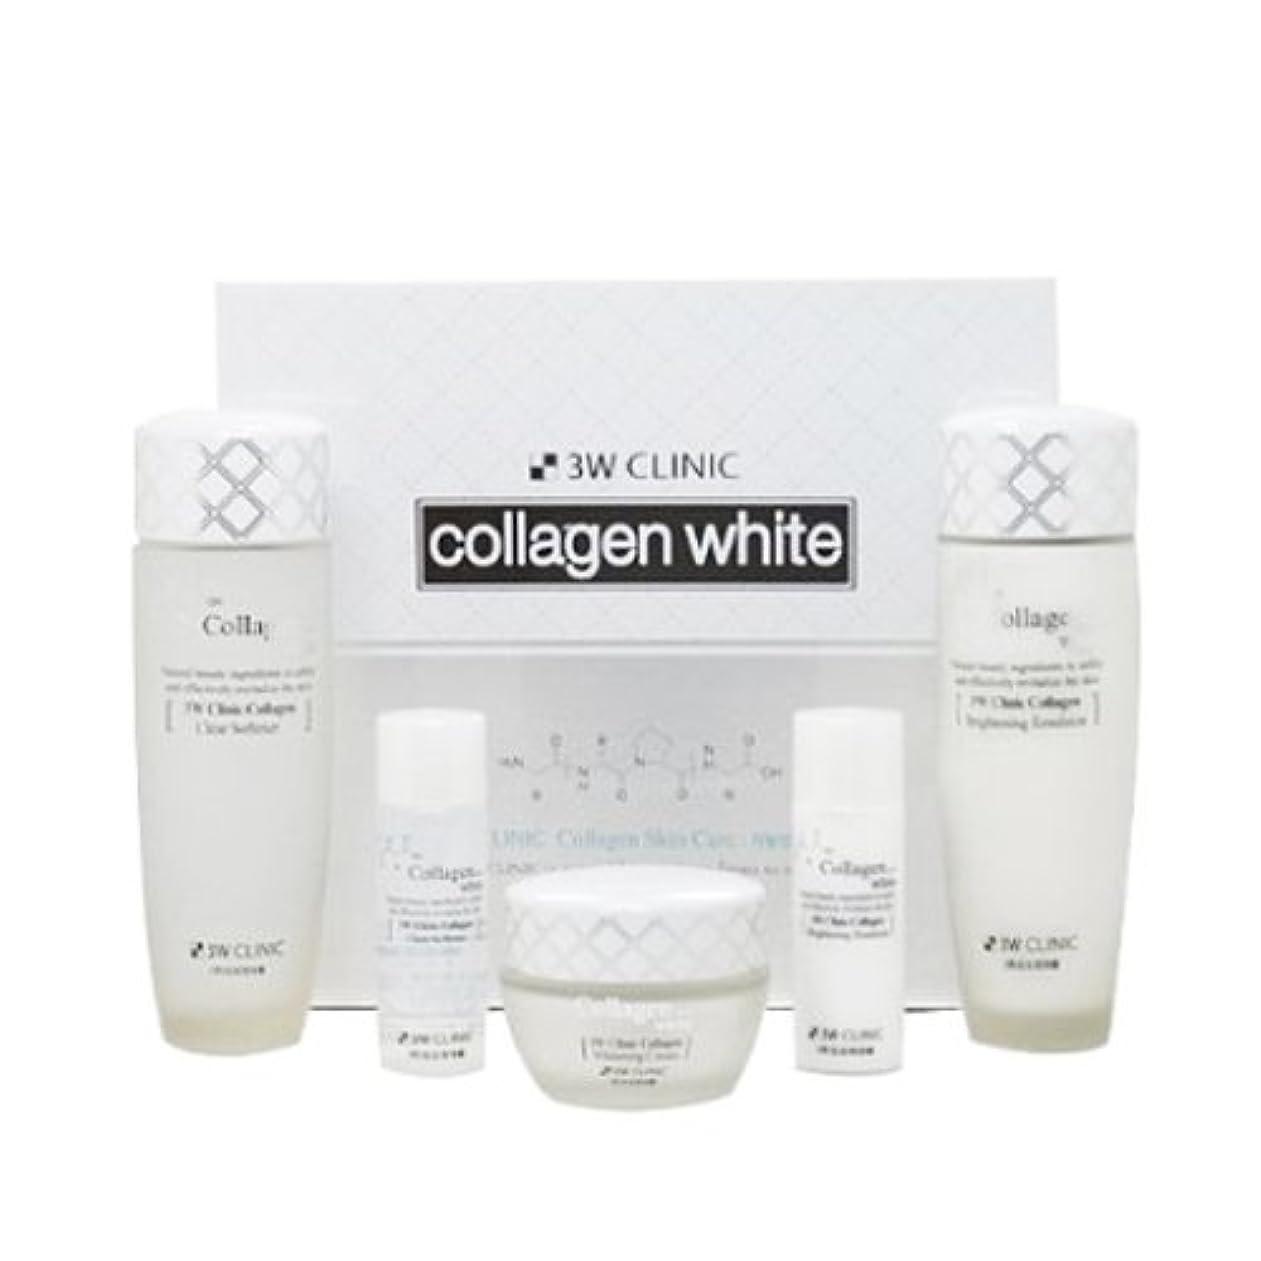 言い換えると創傷ゼロ3Wクリニック[韓国コスメ3w Clinic]Collagen White Skin Care コラーゲンホワイトスキンケア3セット樹液,乳液,クリーム [並行輸入品]